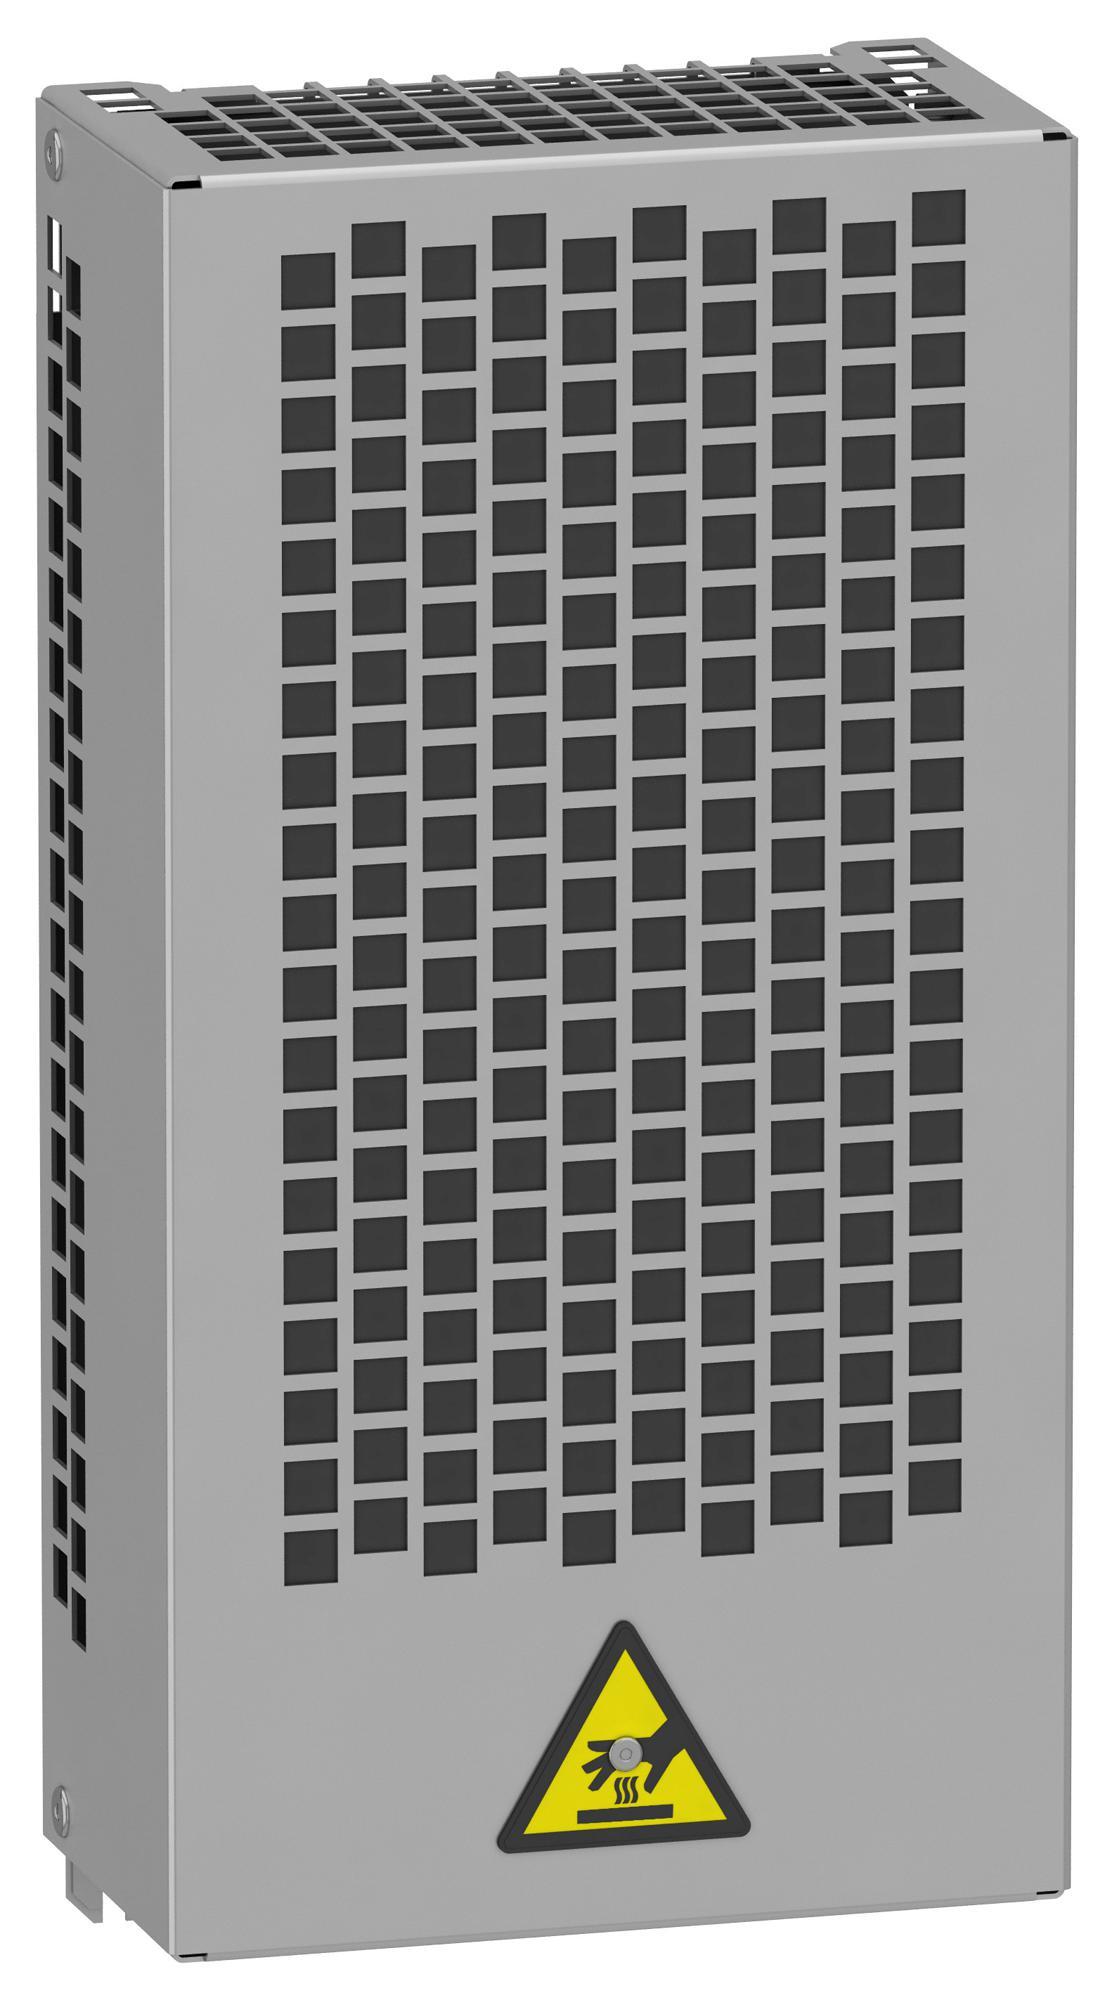 Schneider VW3A7730 Braking Resistor - 100 ohms - 0.1 kW - IP20